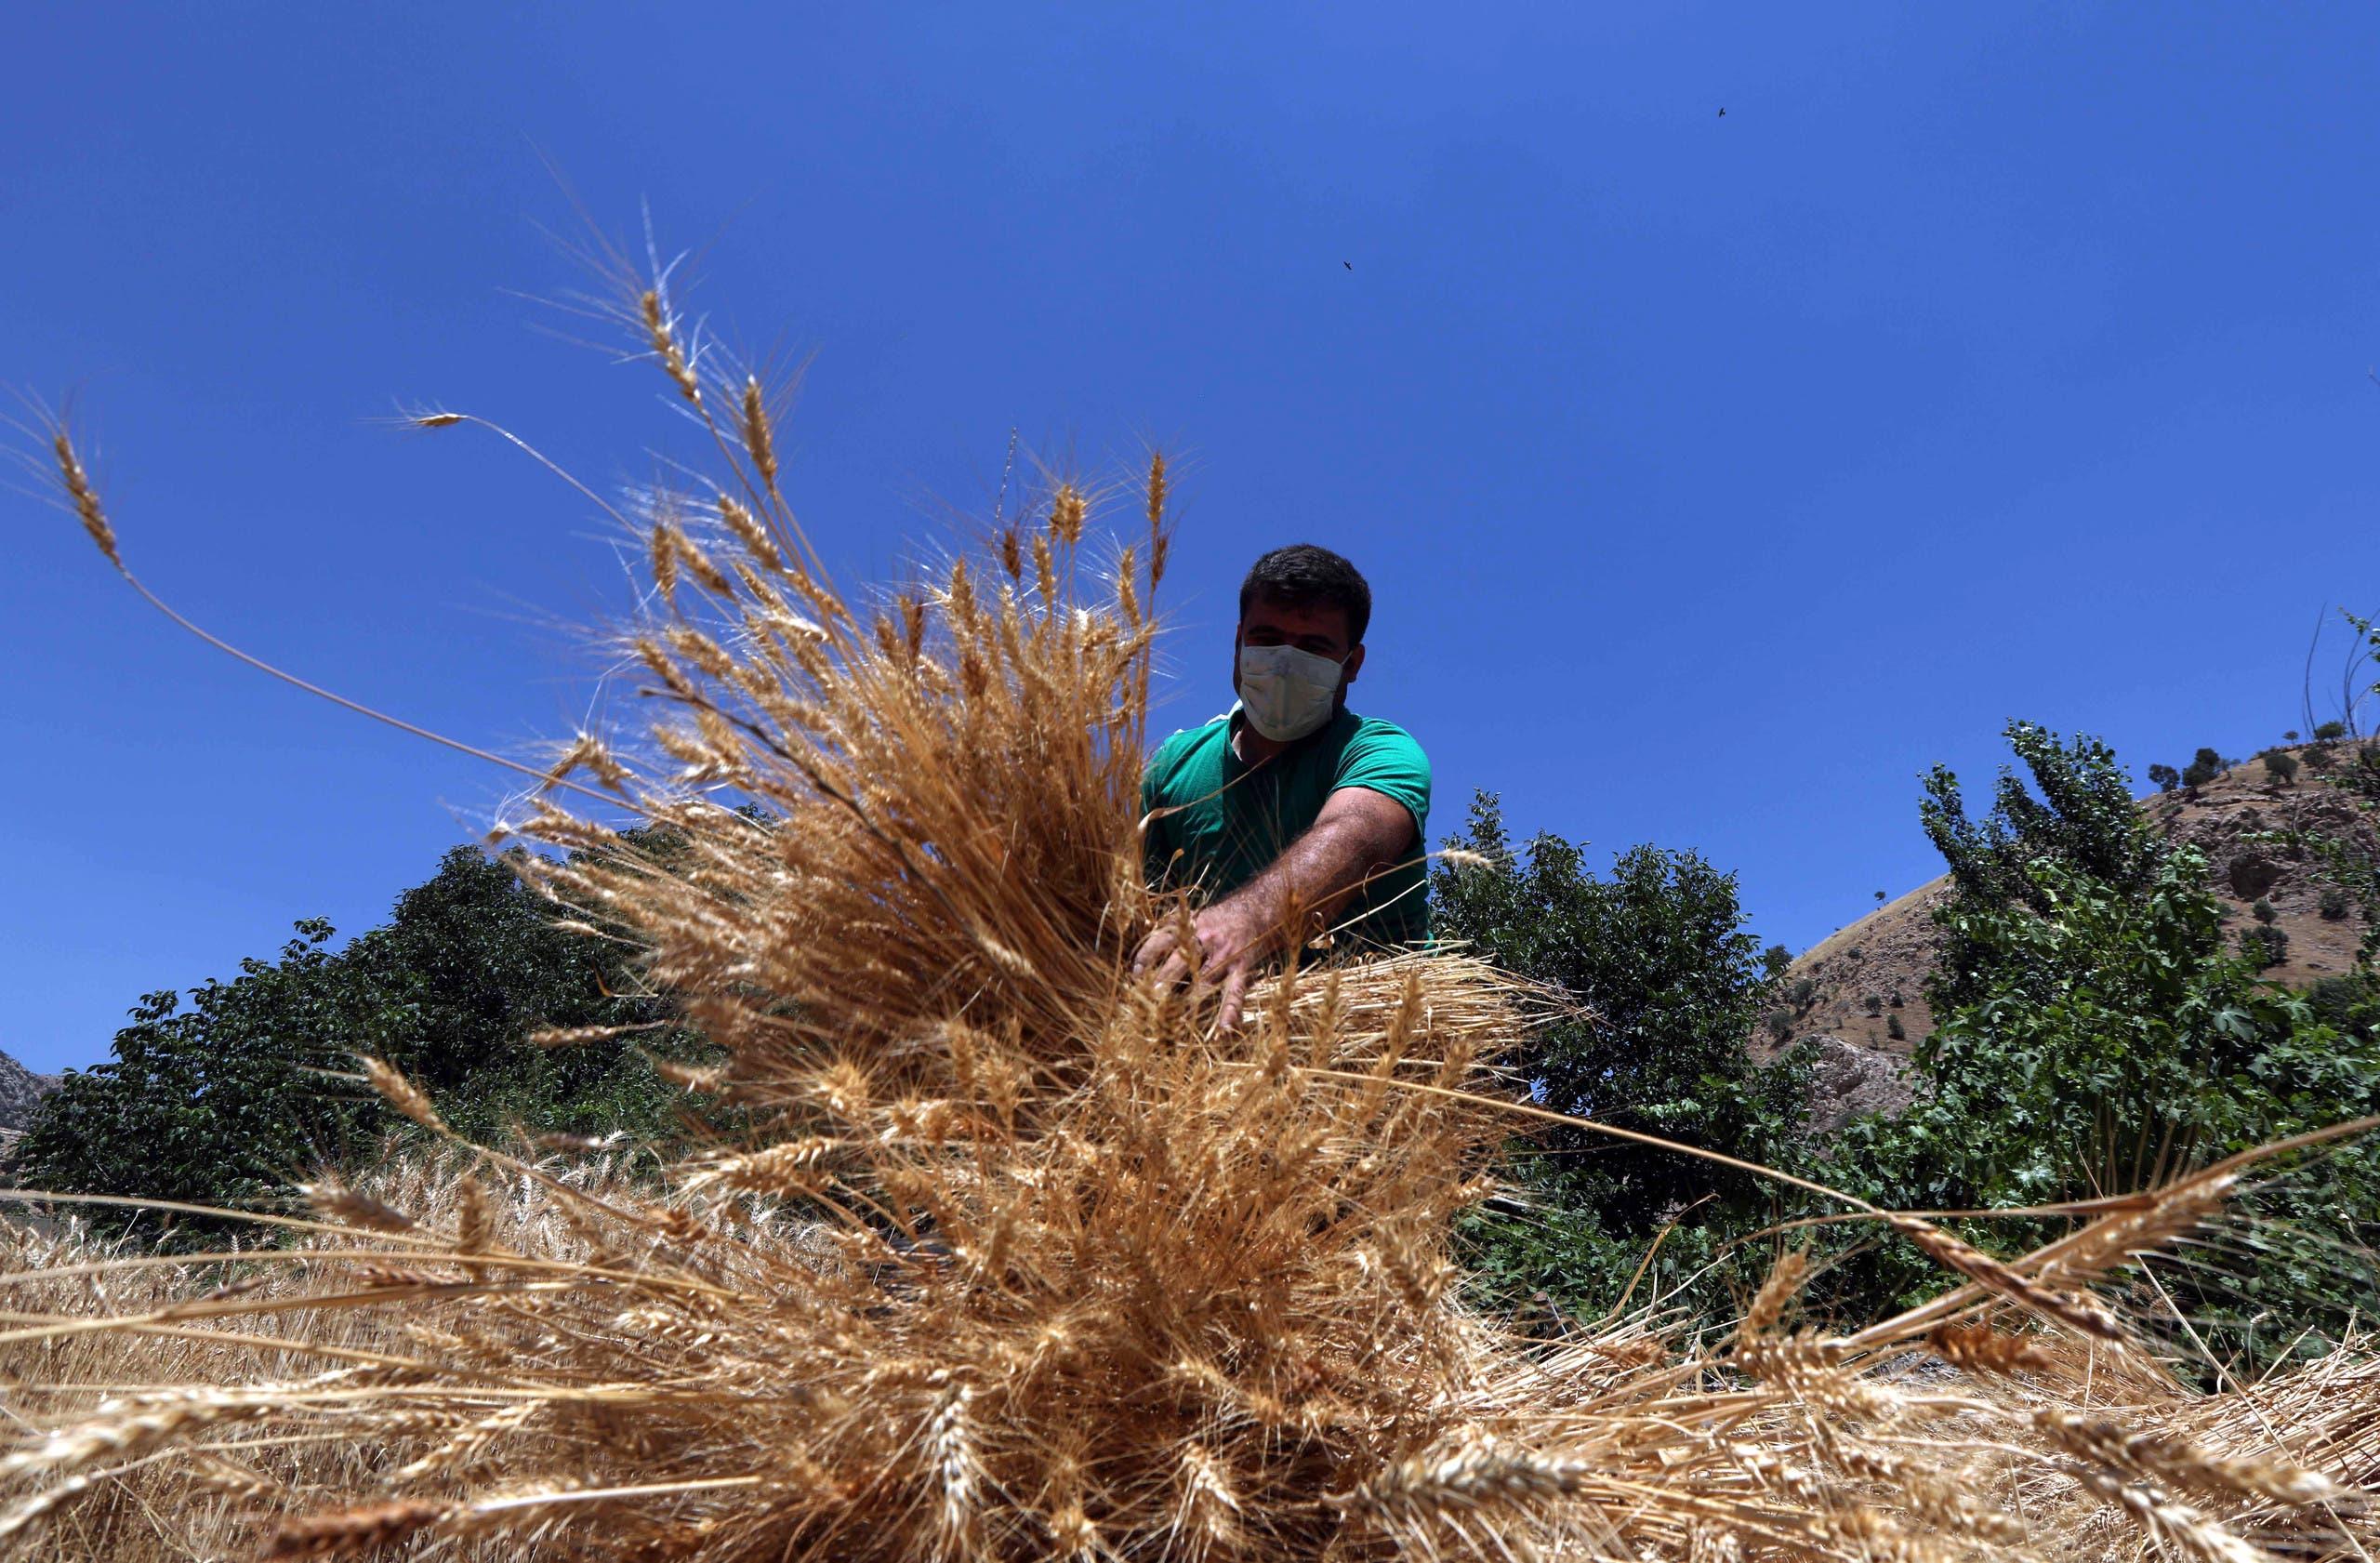 مزارع في العراق (فرانس برس)